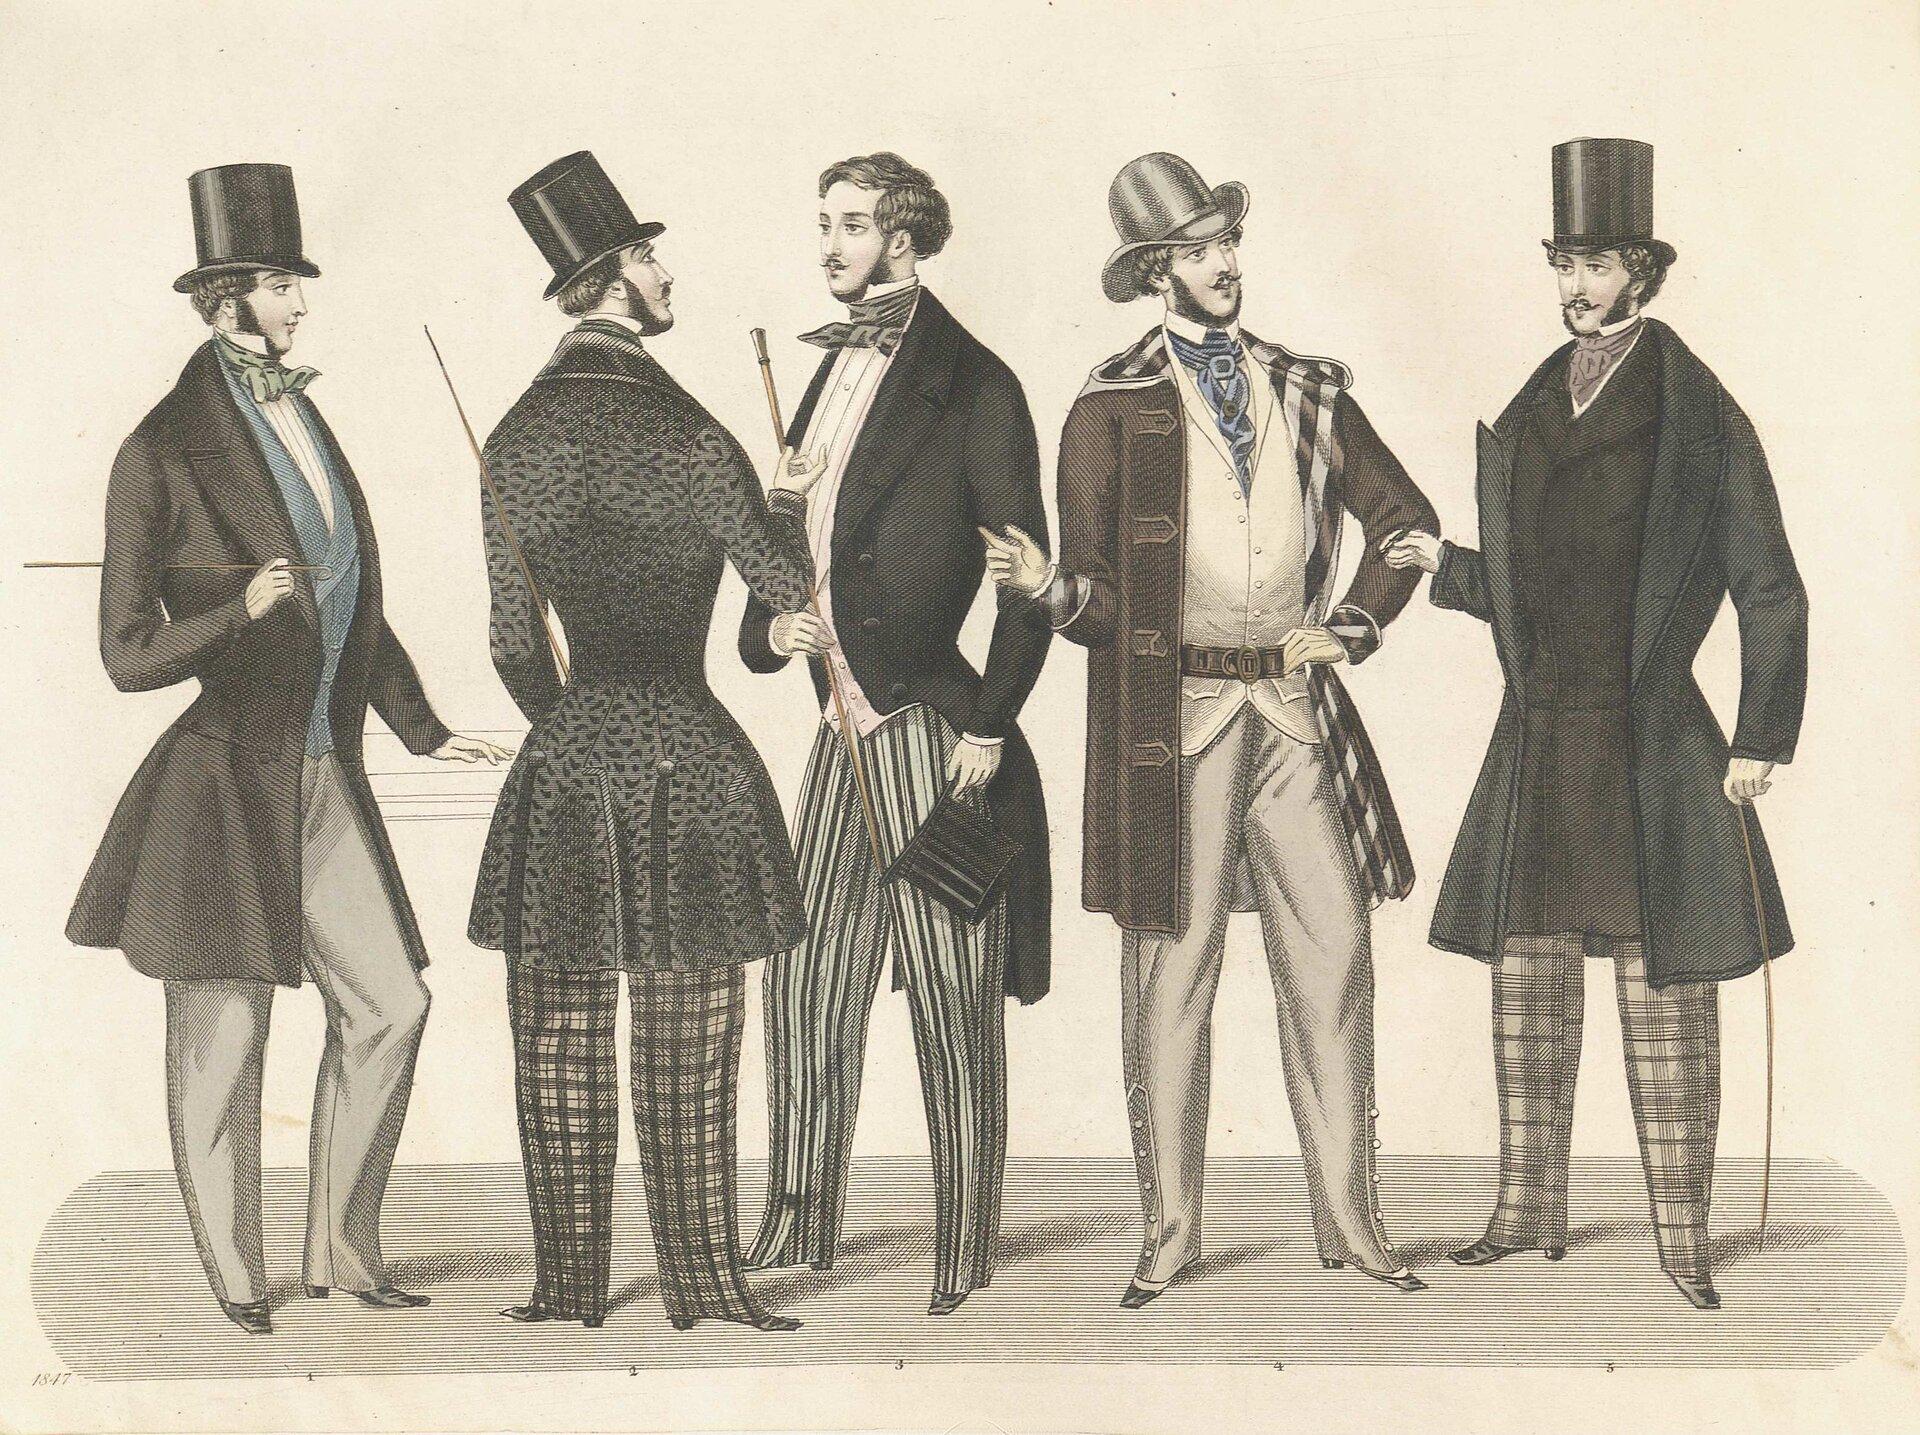 Sztokholmski magazyn mody Źródło: Sztokholmski magazyn mody, 1847, Nordic Museum, domena publiczna.